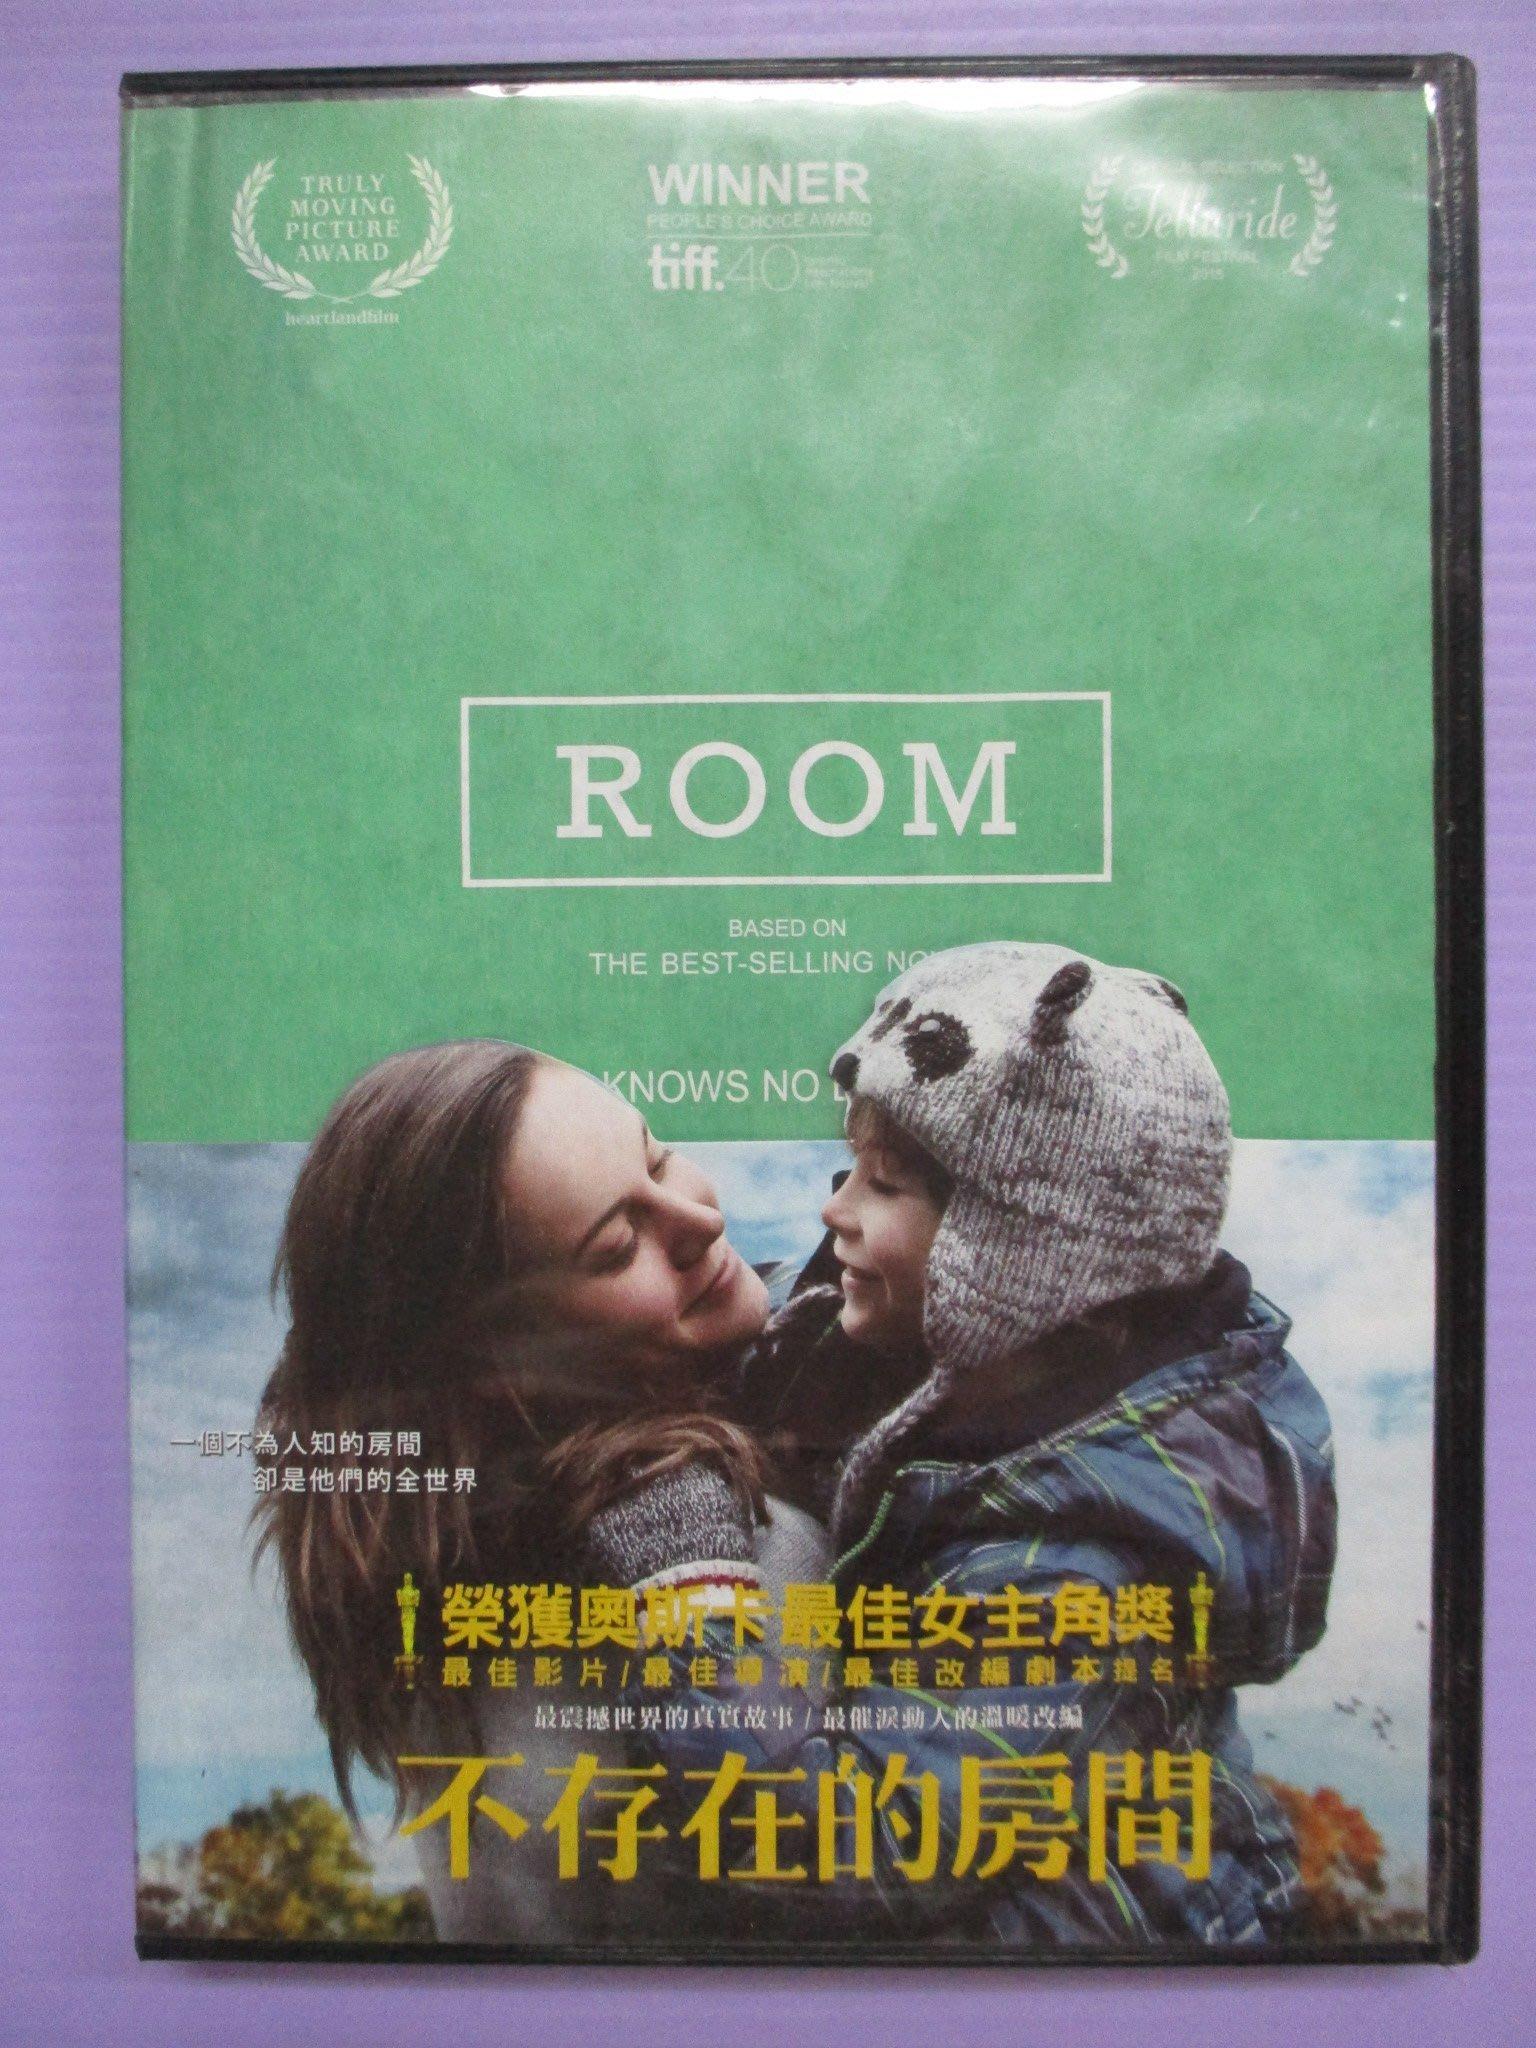 【小晴】《不存在的房間~榮獲奧斯卡最佳女主角獎  (彩印封面) 》台灣正版二手DVD